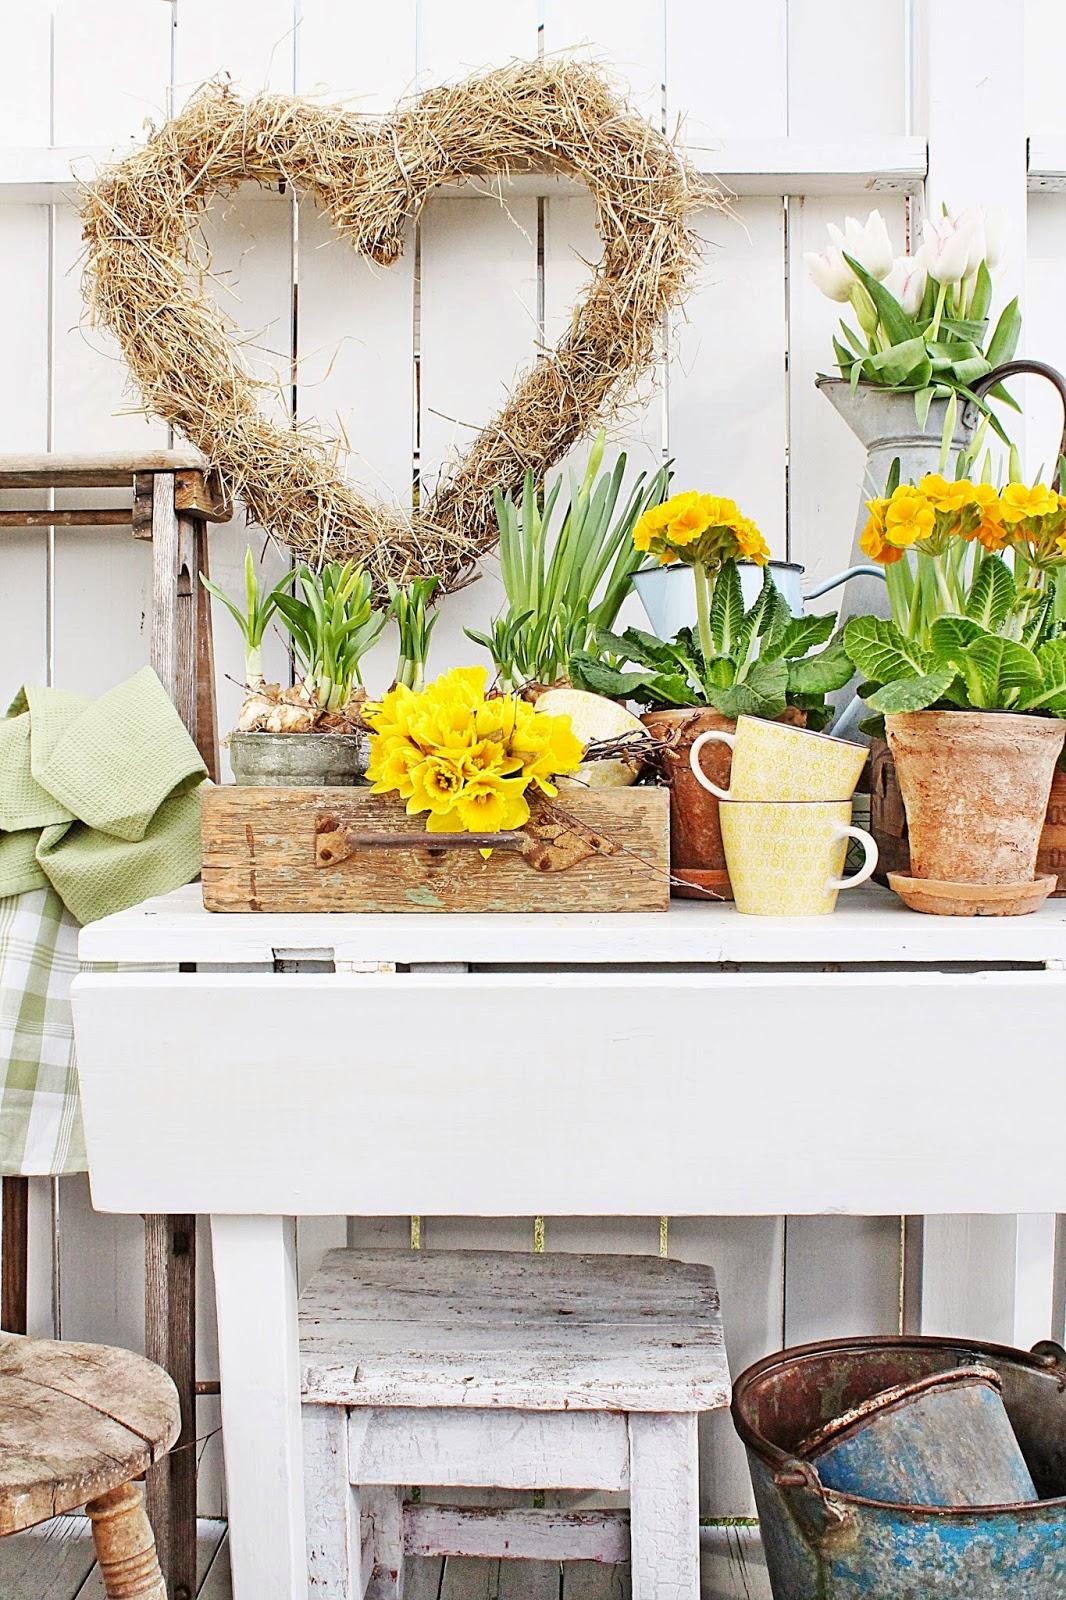 dekor/vesennie-cvety-k-pashe-foto-26.jpg